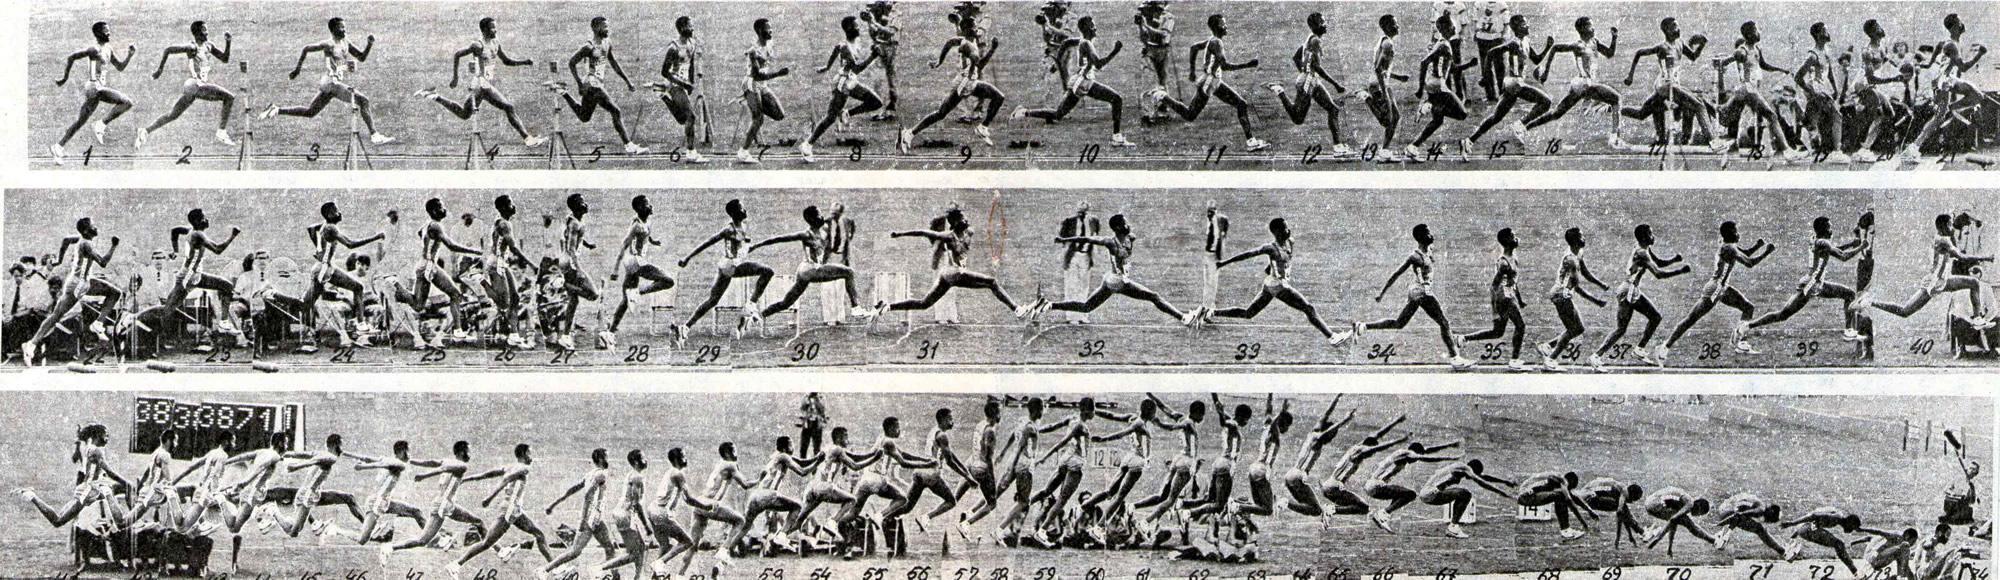 Кинограмма прыжка Уильяма Бэнкса